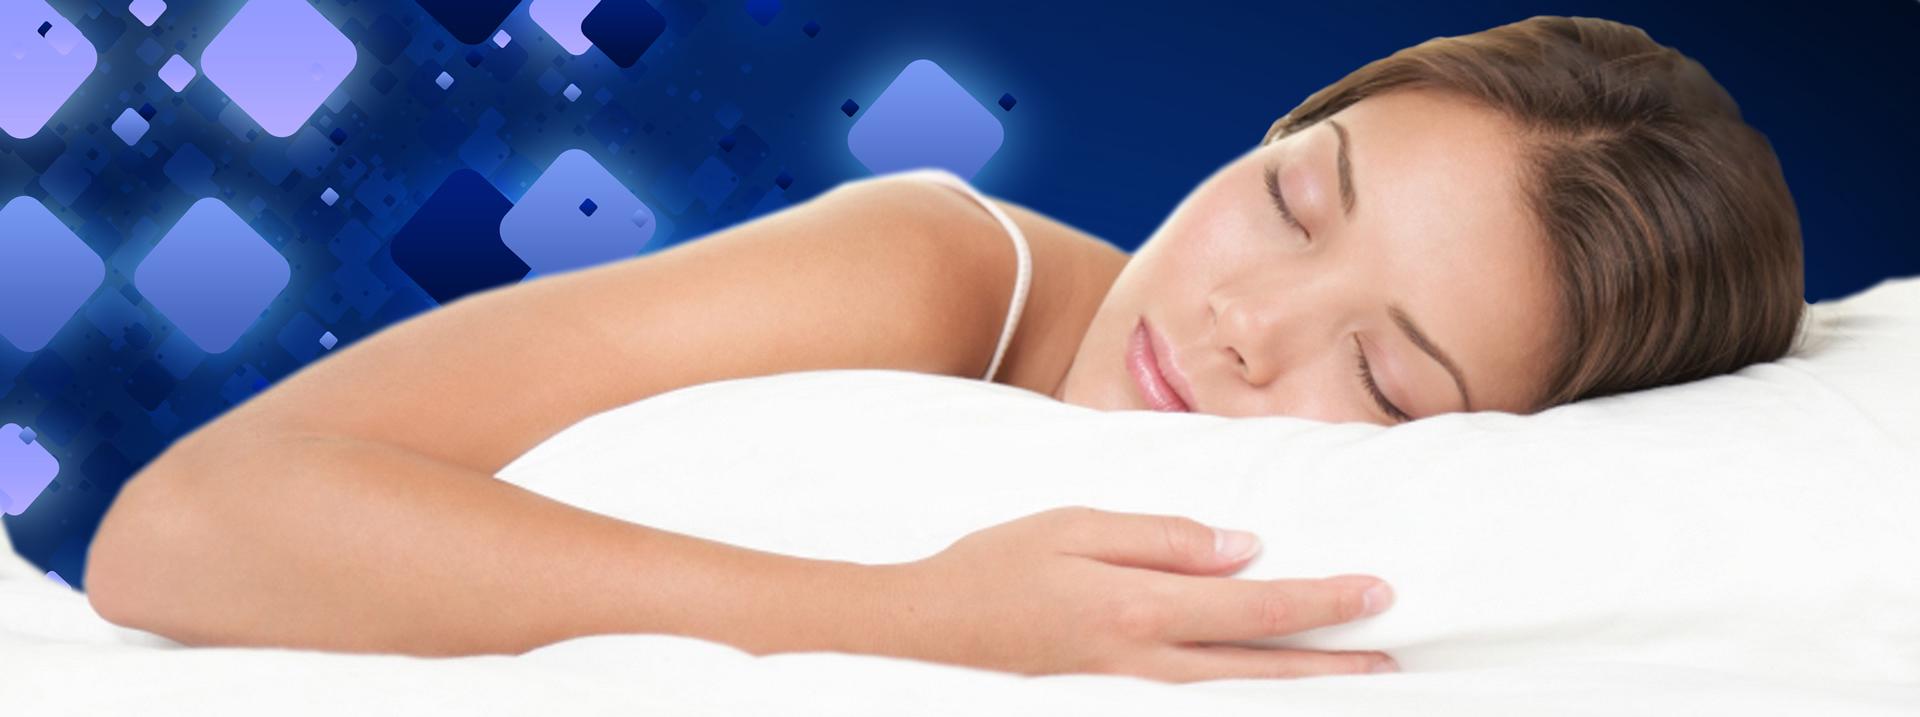 Alvástippek